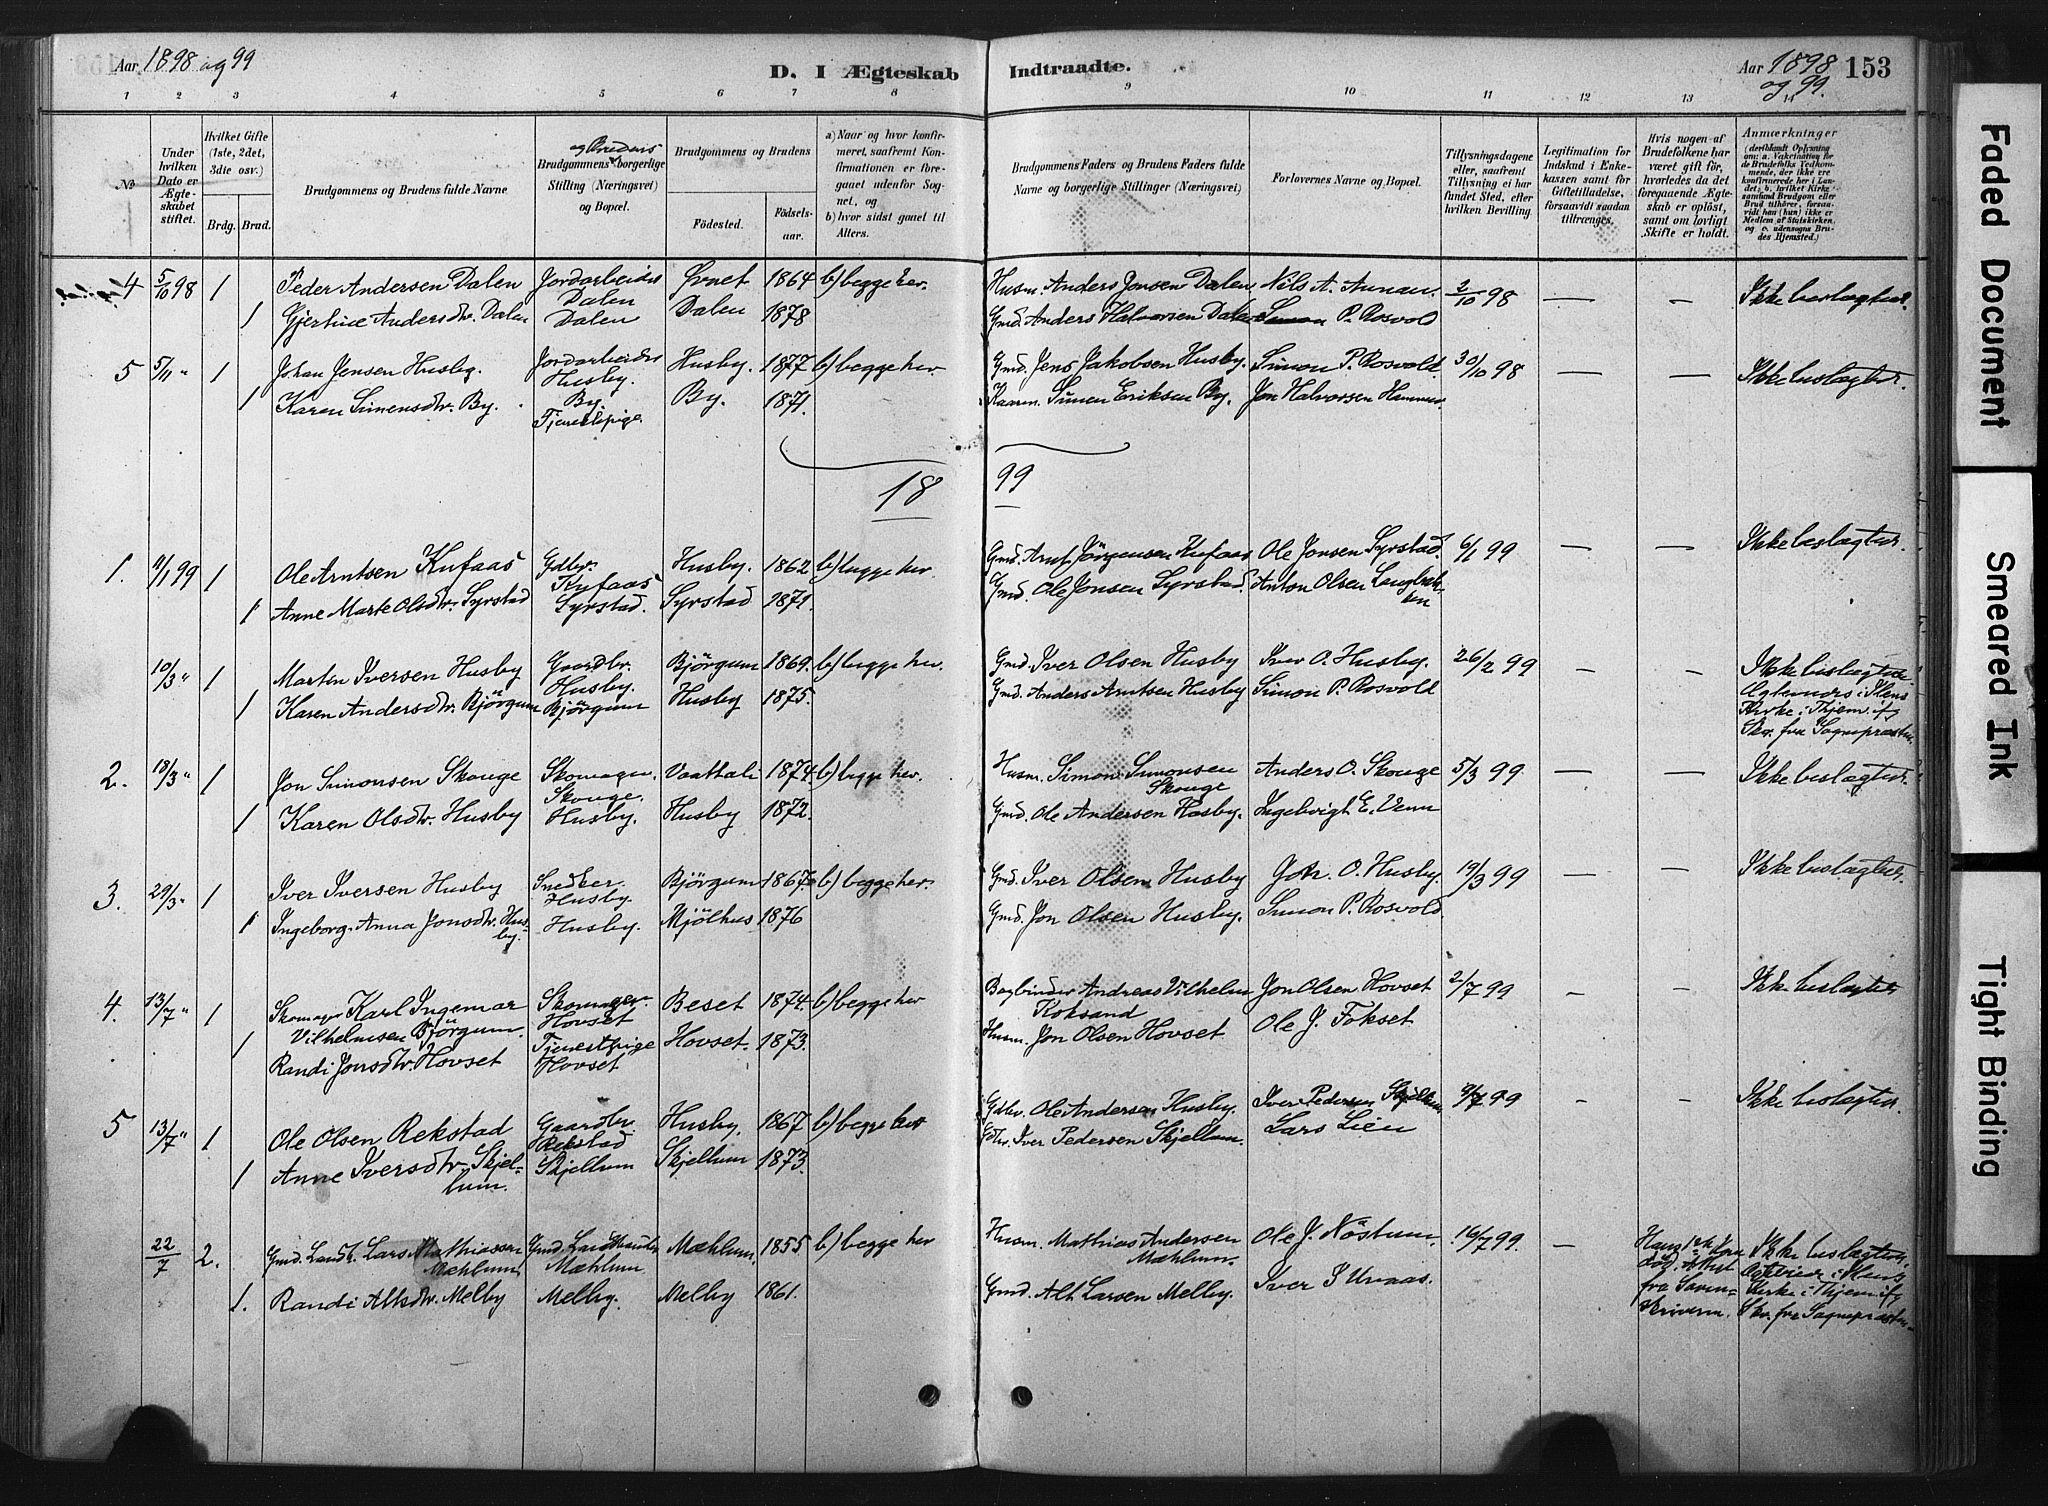 SAT, Ministerialprotokoller, klokkerbøker og fødselsregistre - Sør-Trøndelag, 667/L0795: Ministerialbok nr. 667A03, 1879-1907, s. 153